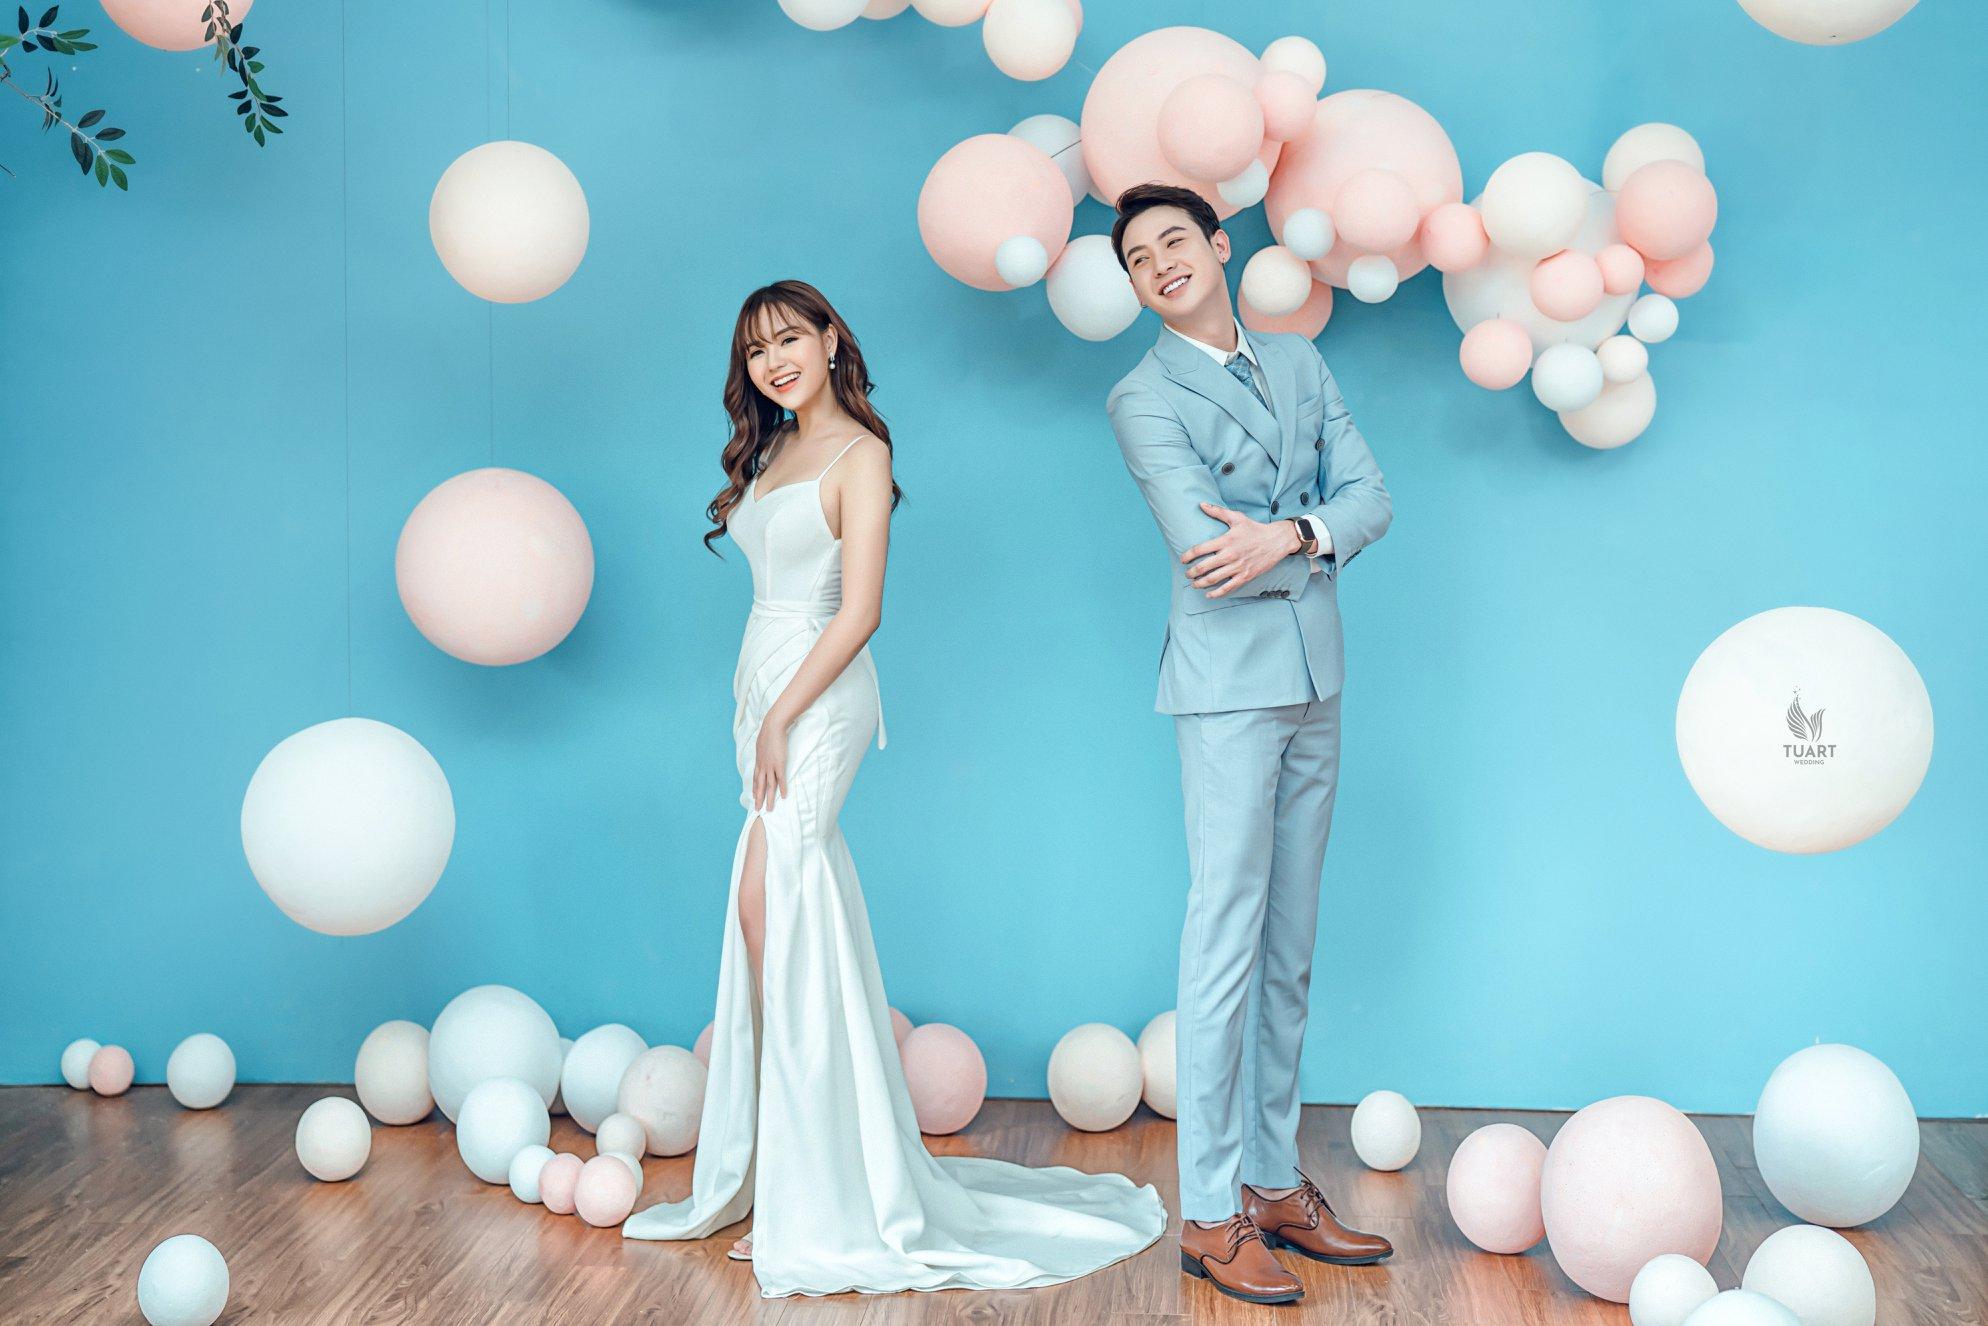 Album tại TuArt - Album chụp ảnh cưới đẹp phong cách Hàn Quốc 72